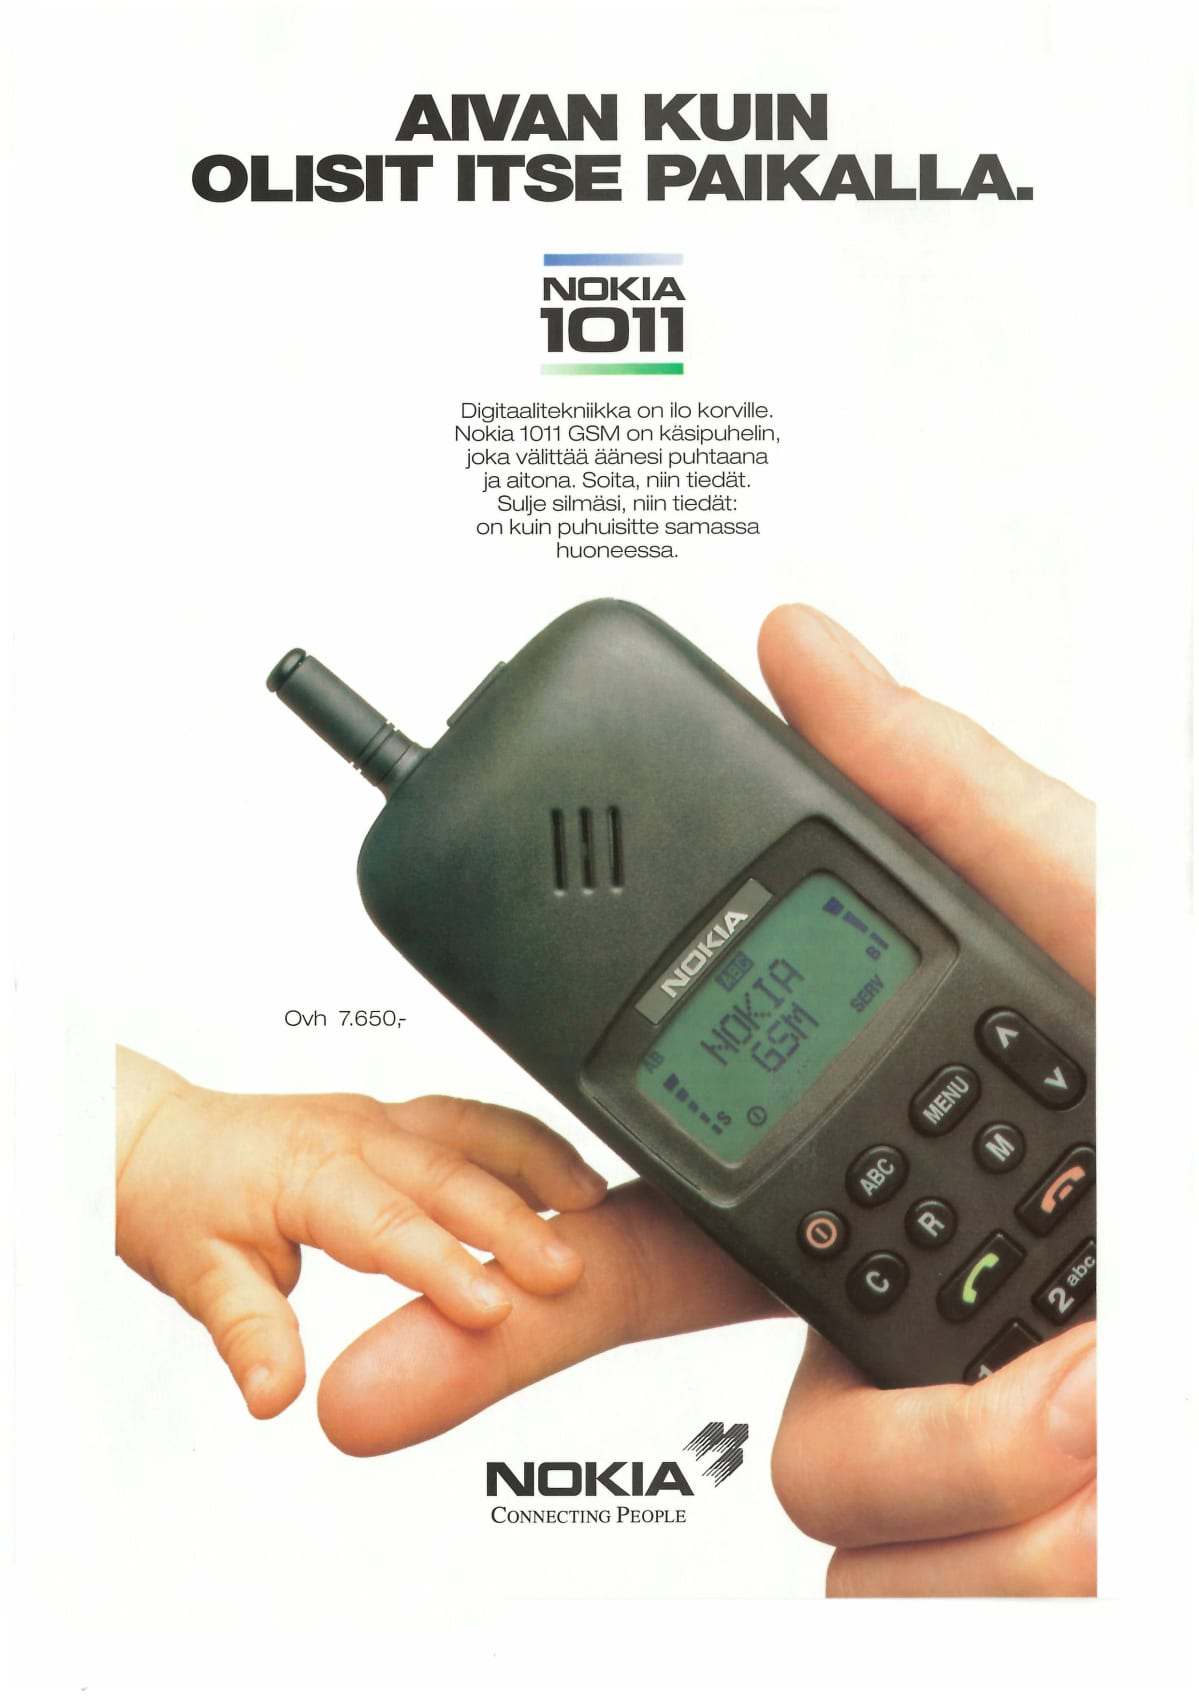 Nokia 1011 mainos